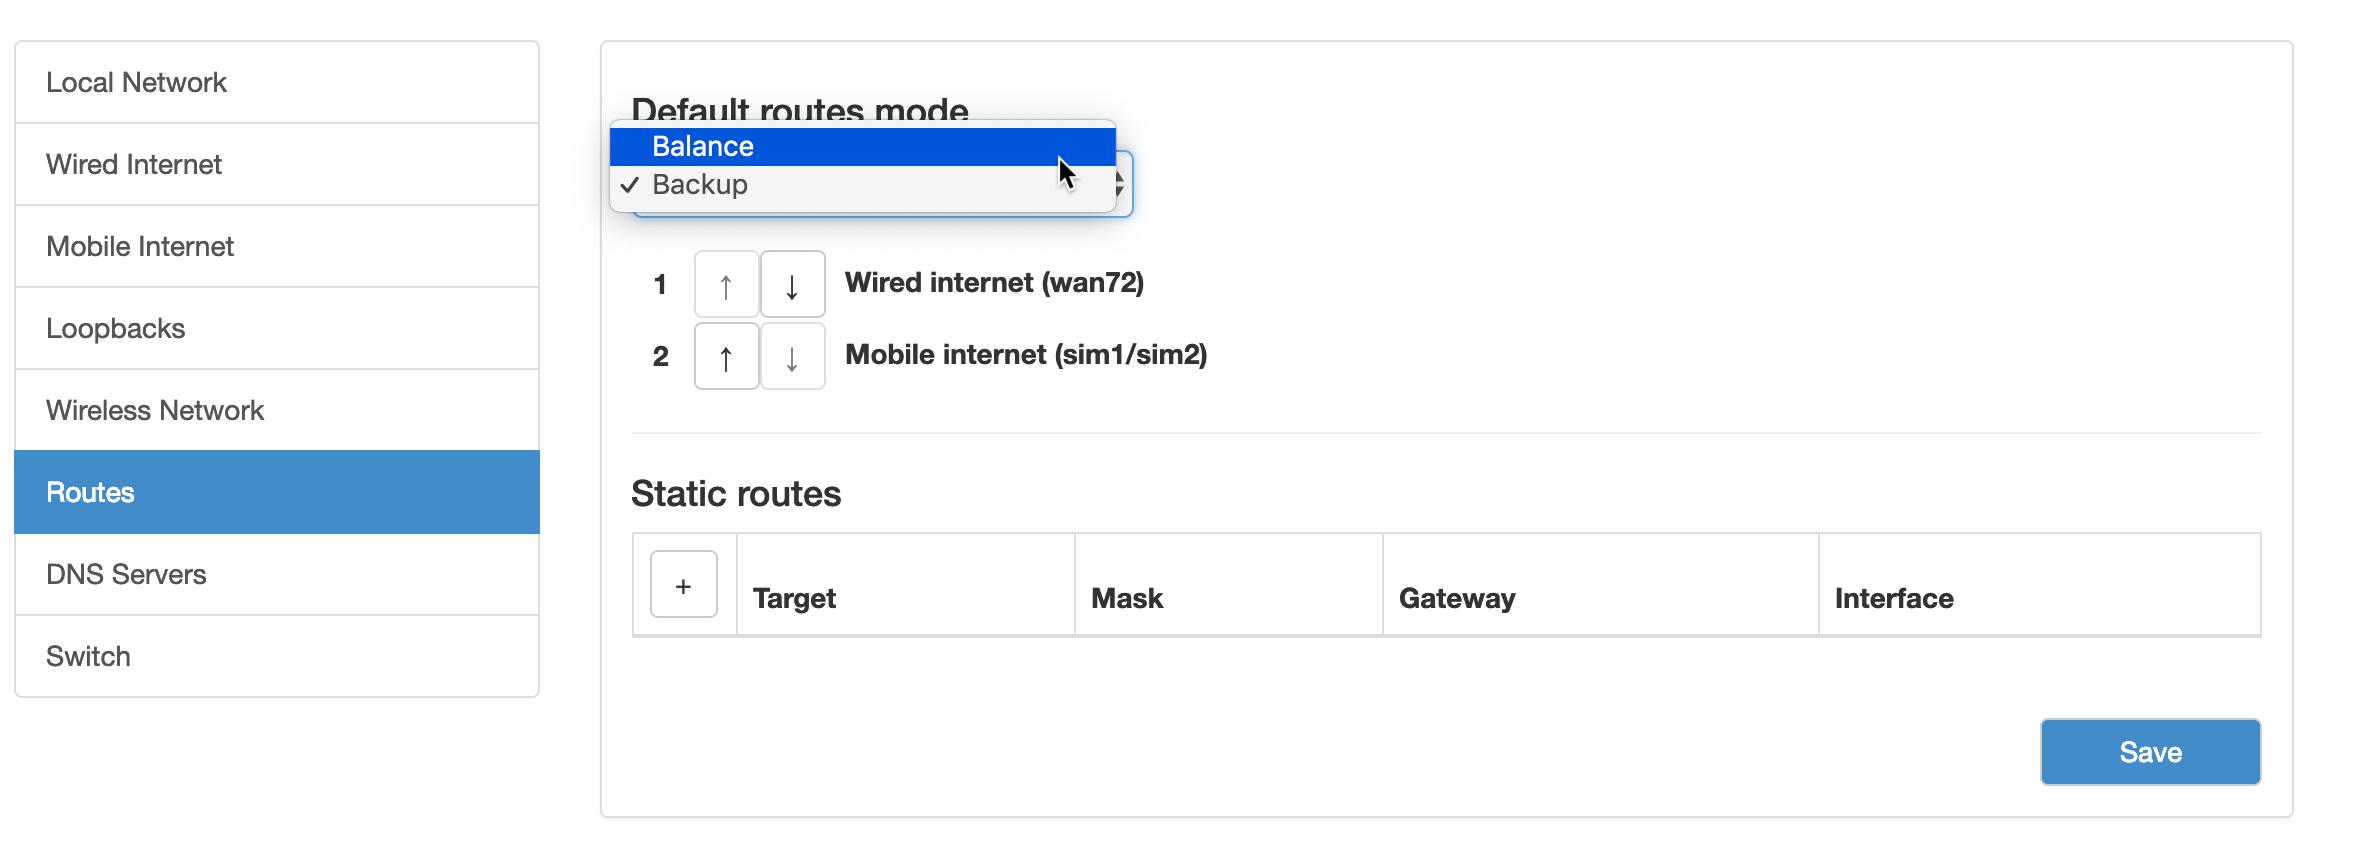 Ни минуты оффлайн — Выбираем промышленный LTE-роутер - 43